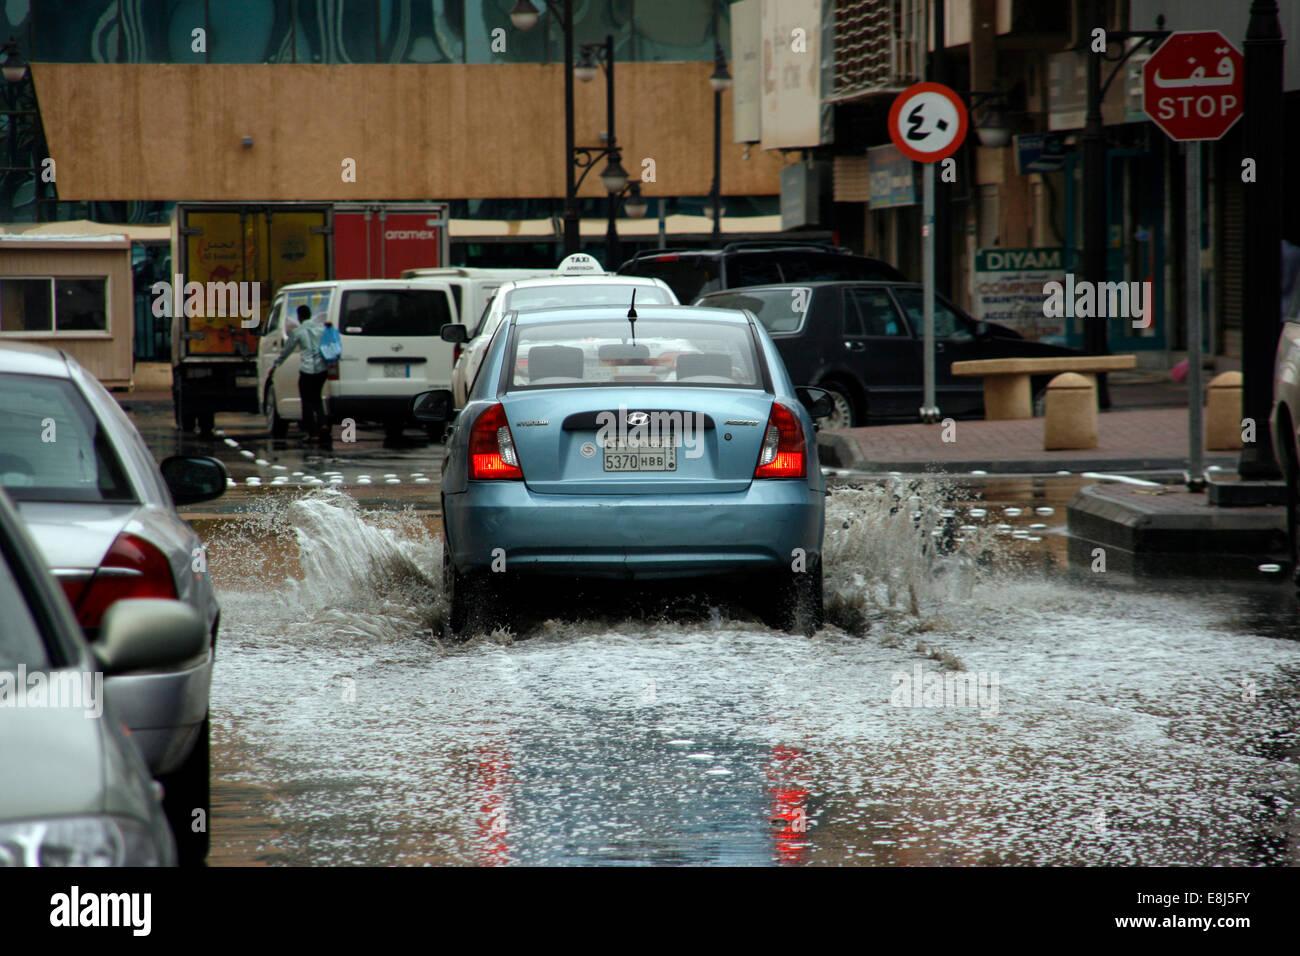 Una unità di auto attraverso il built-up acqua di pioggia per le strade di Riyadh, Arabia Saudita Immagini Stock